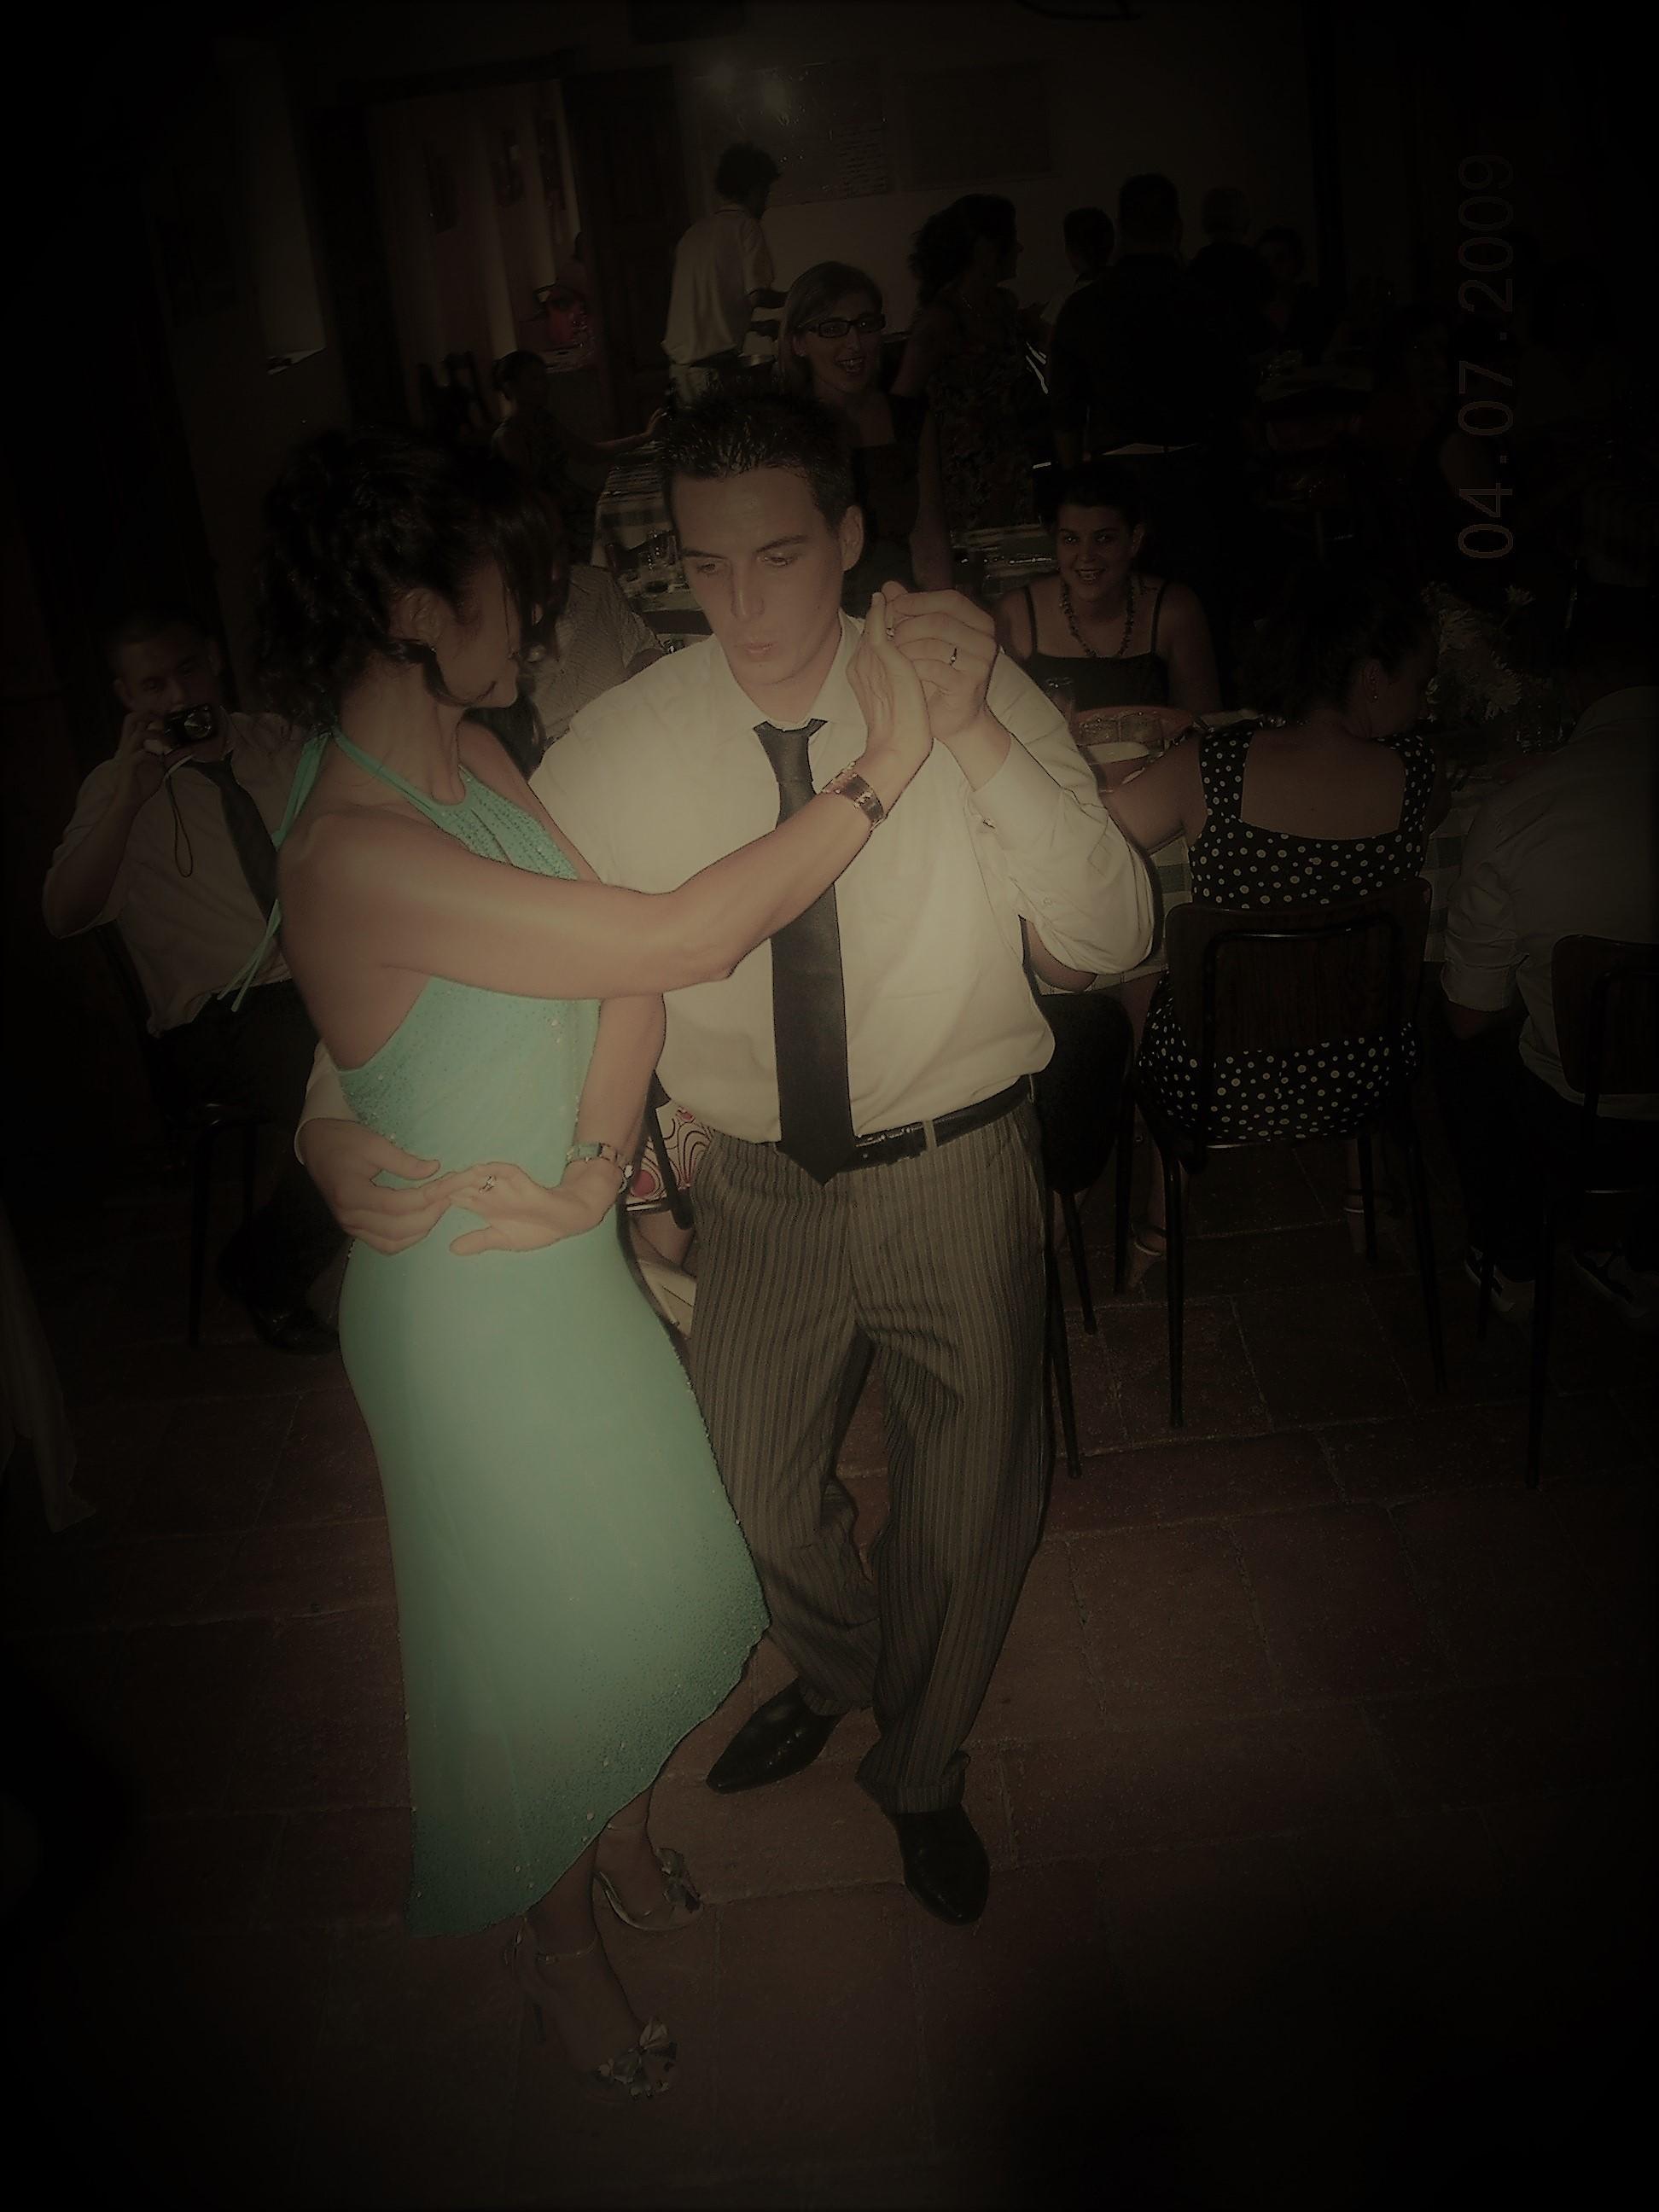 Oscar e Emanuela 04.07.2009 - 067.JPG